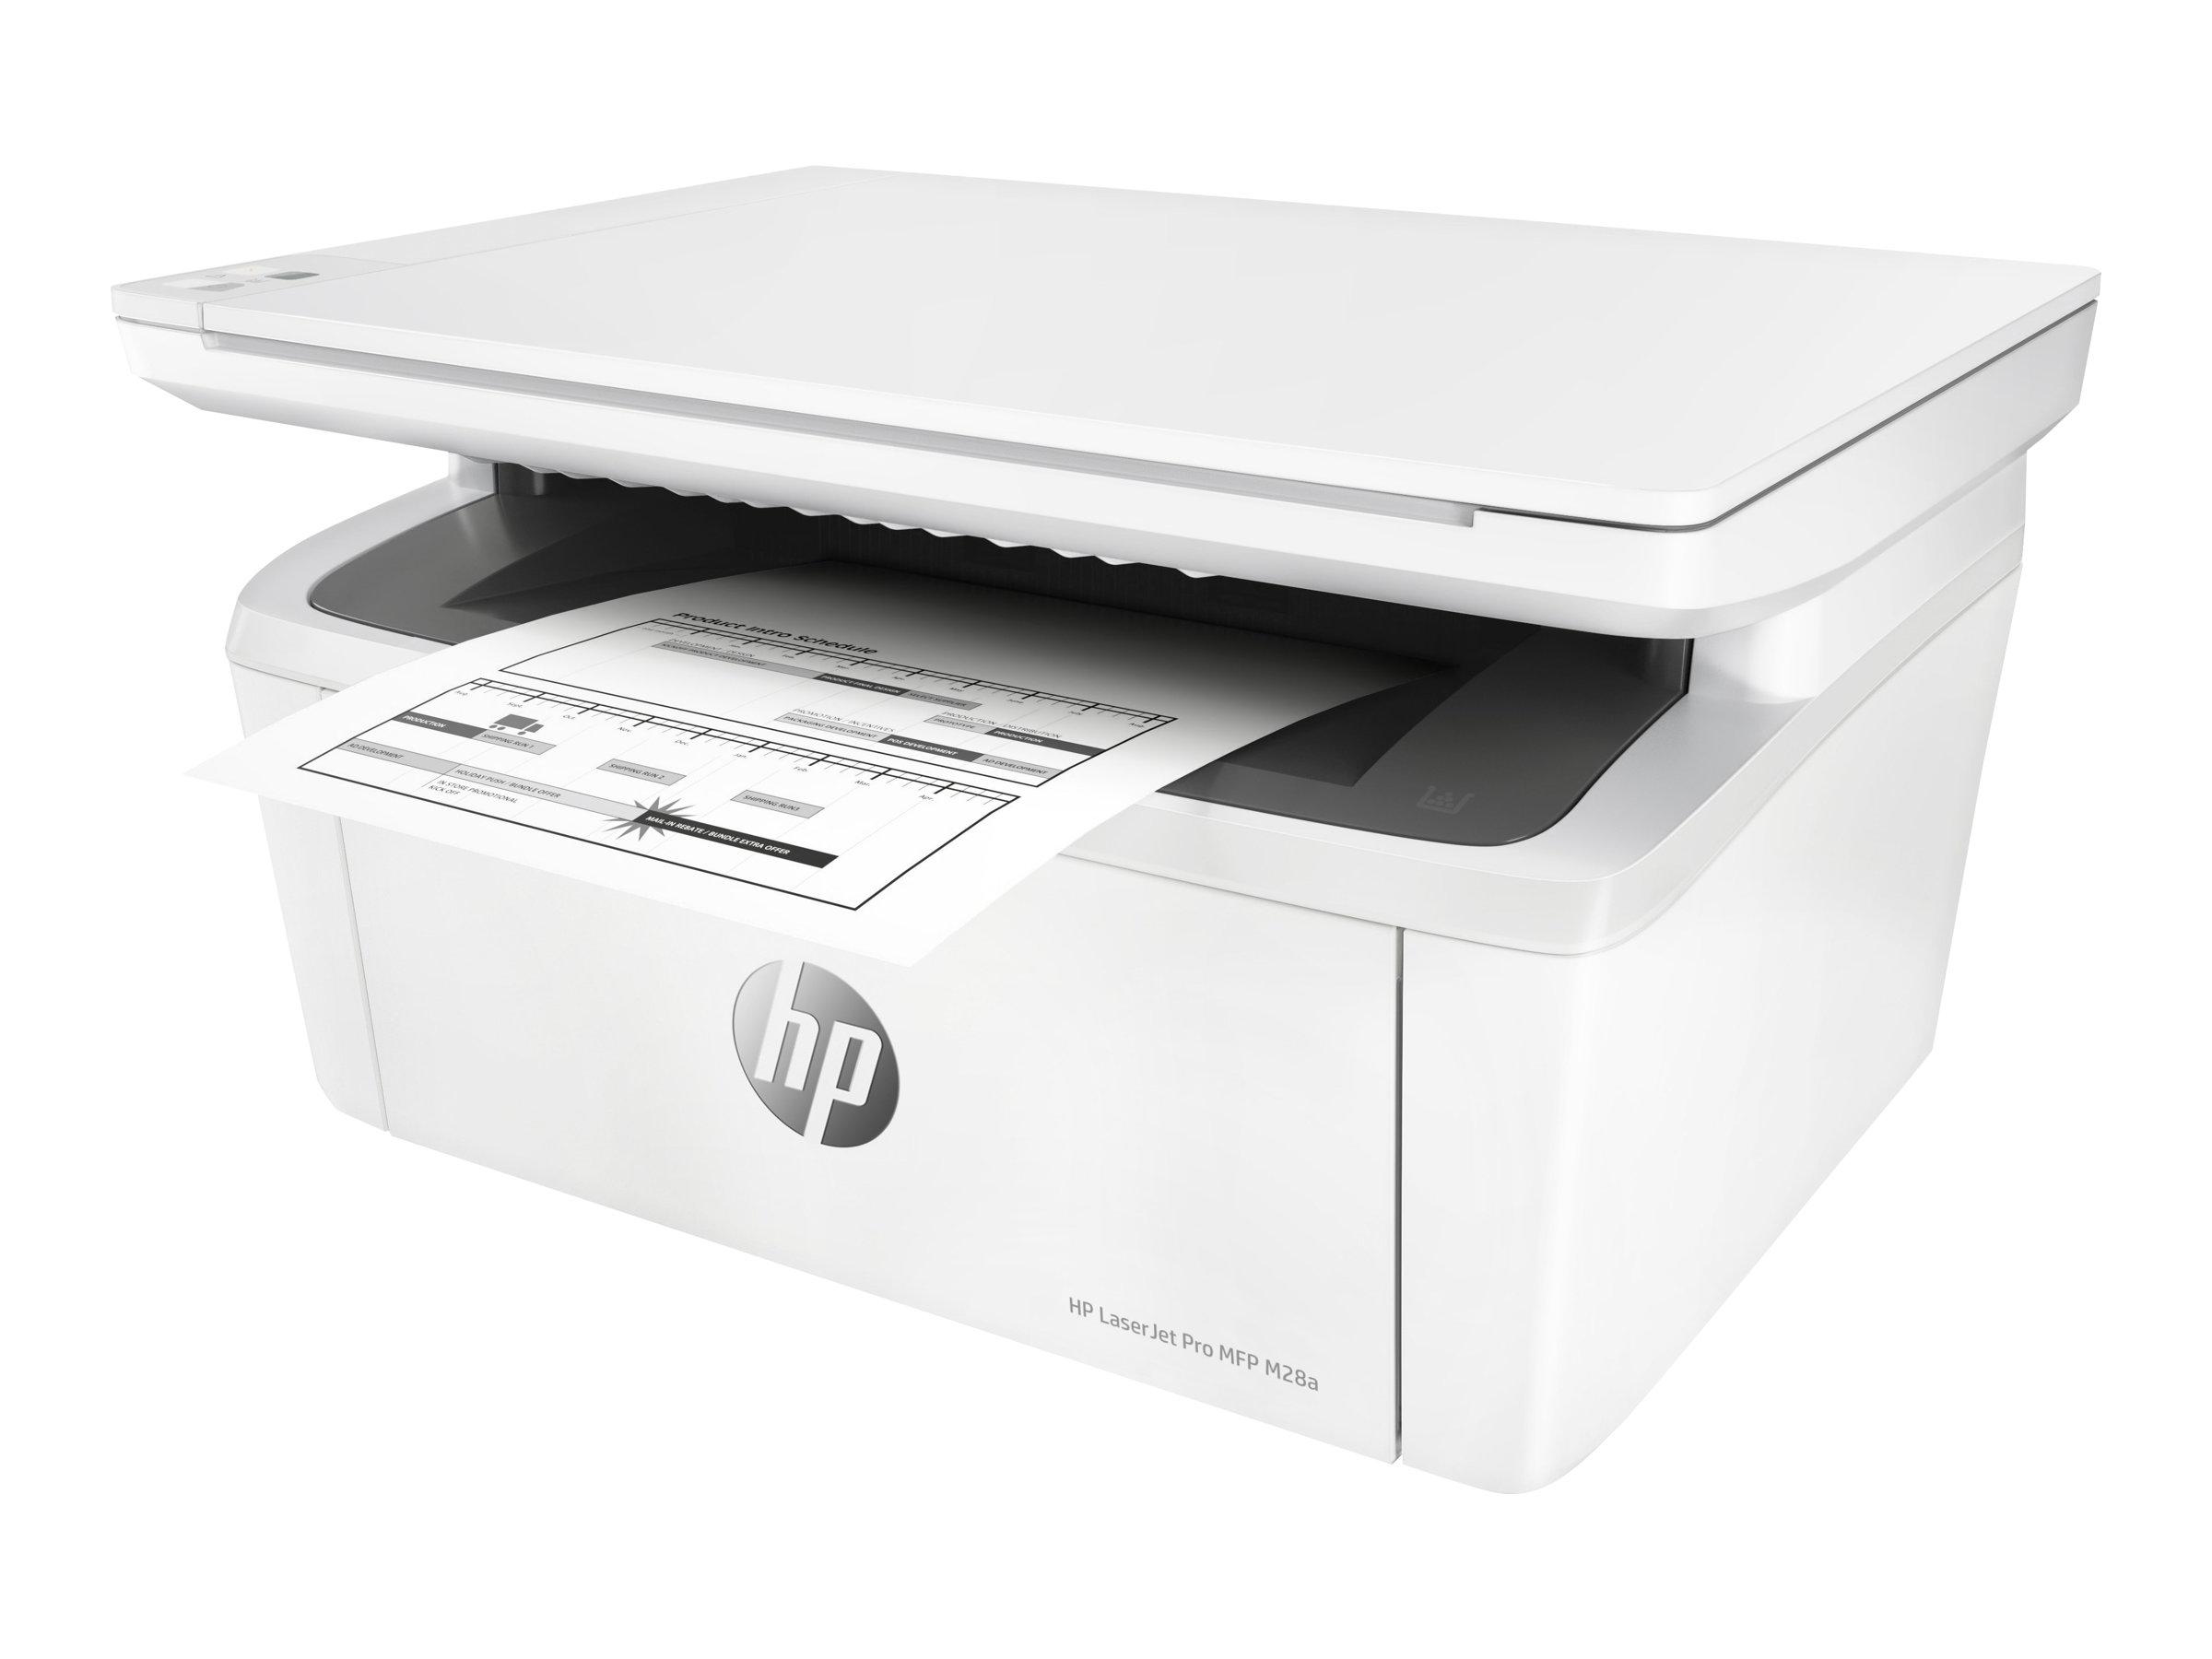 HP LaserJet Pro MFP M28a - Multifunktionsdrucker - s/w - Laser - 216 x 297 mm (Original)